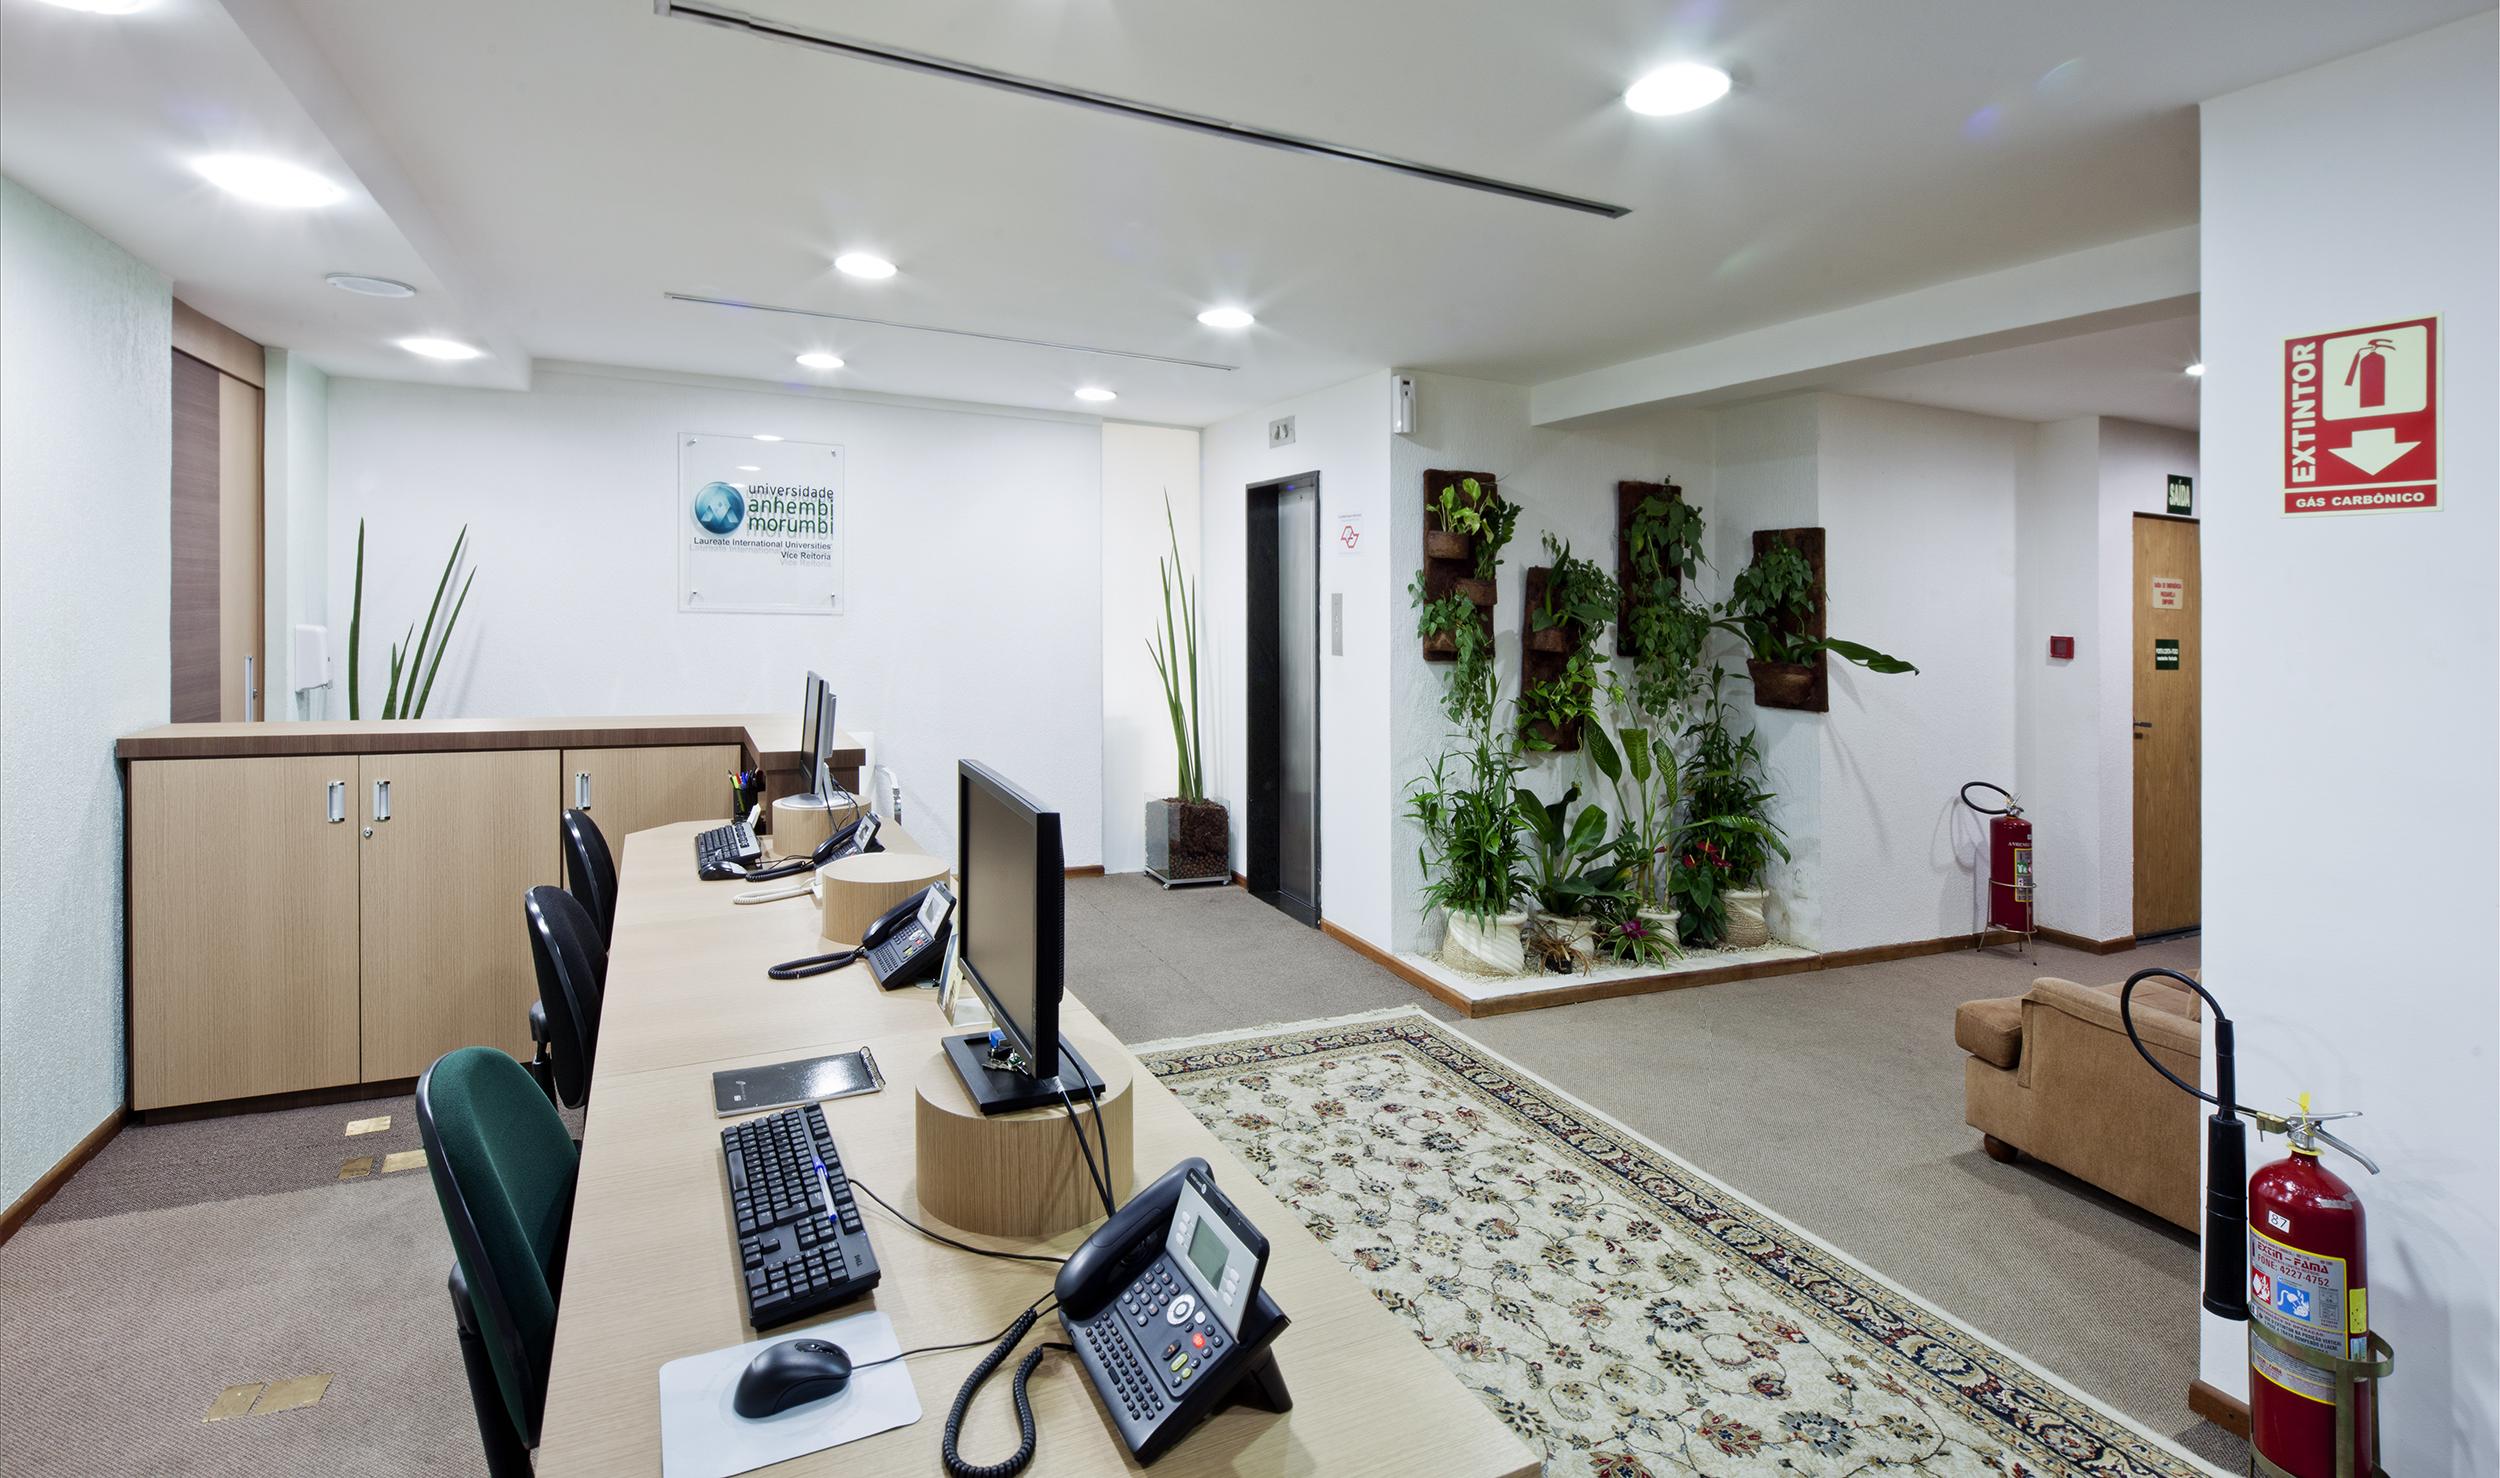 fotografia-de-arquitetura-interiores-10.jpg